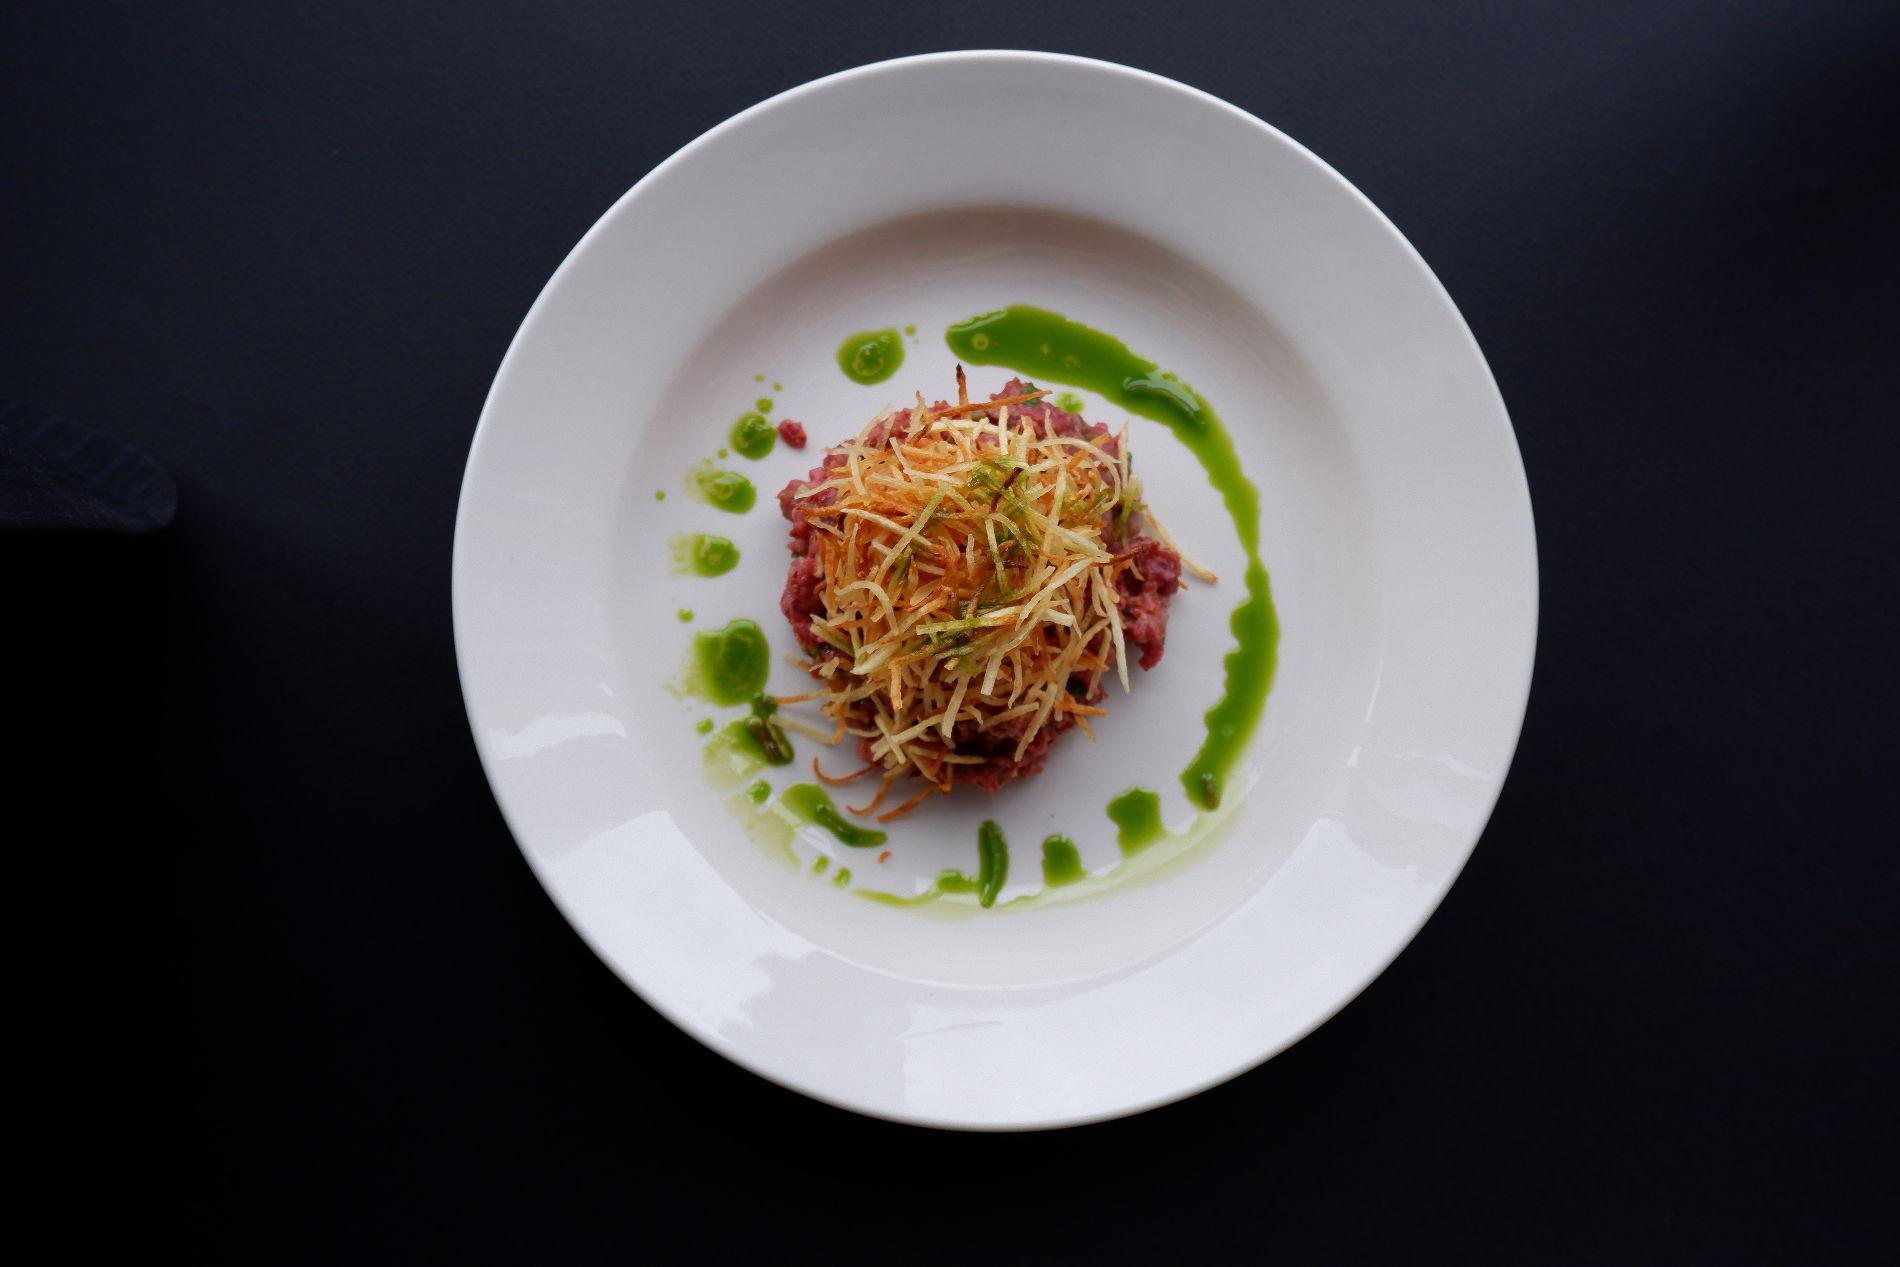 Тартар «Скотина» из говяжьей вырезки с двумя видами лука и каперсами ©Фотография предоставлена рестораном «Скотина»